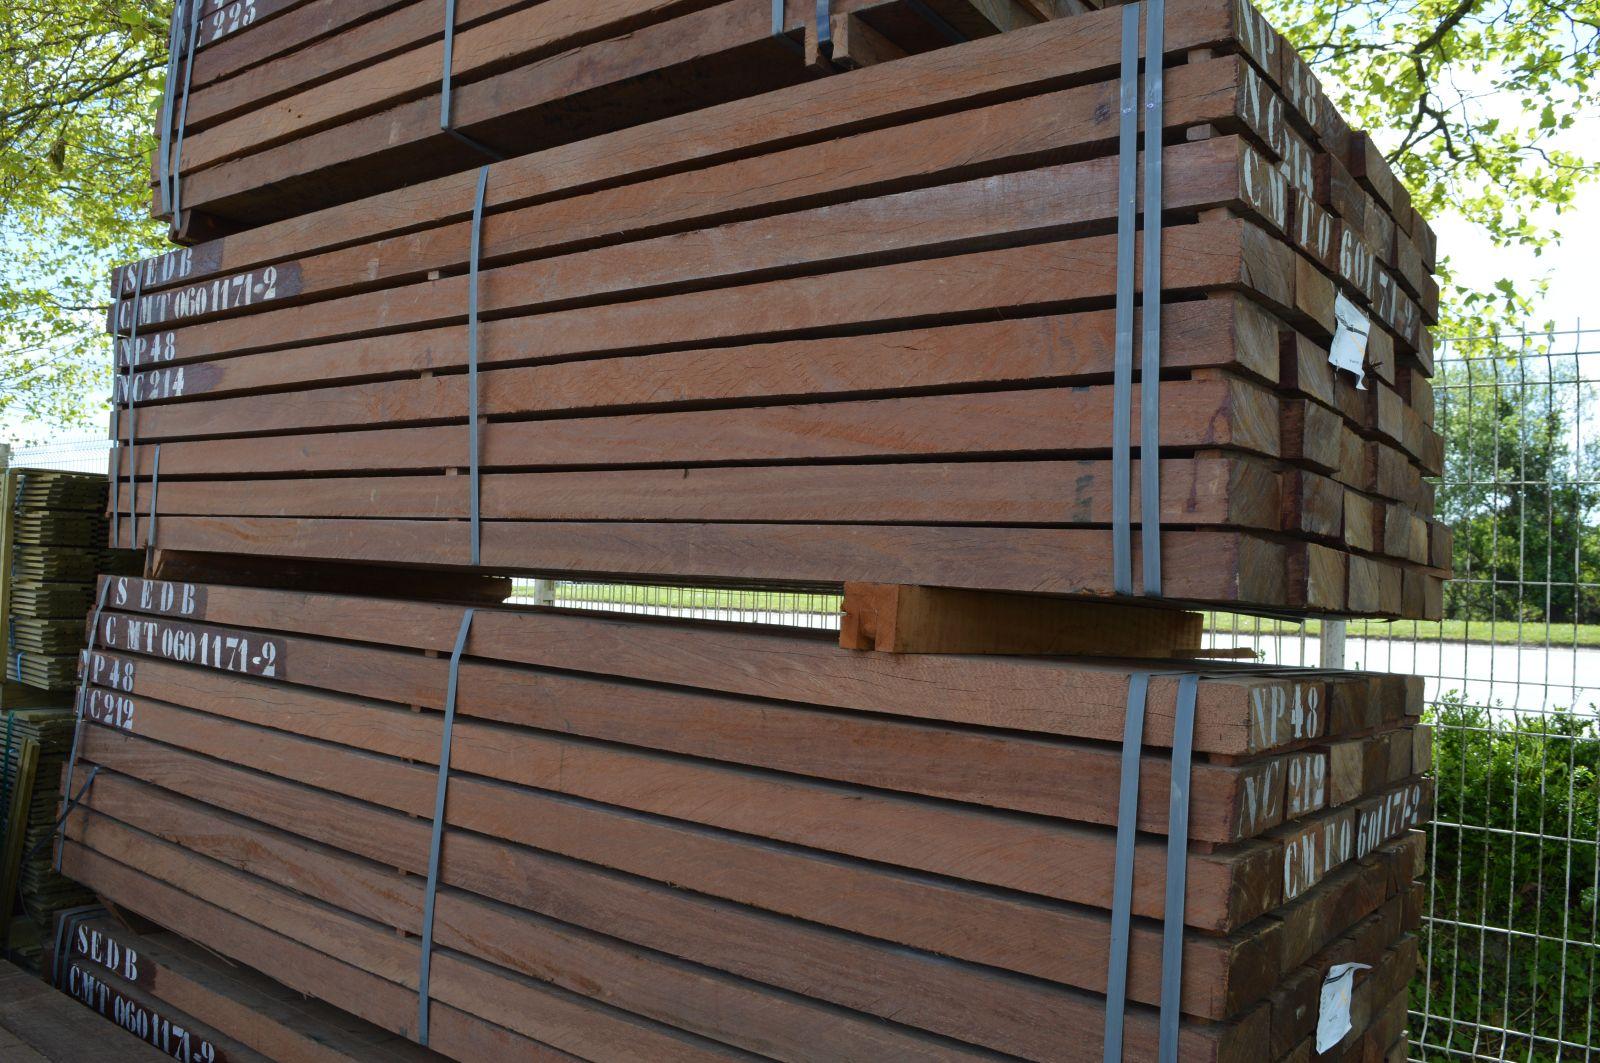 Tasseau Bois Exotique Exterieur solive azobé 70x170mm qualité fas 1er choix brut ad en 2m60 - sud bois :  terrasse, bois direct scierie